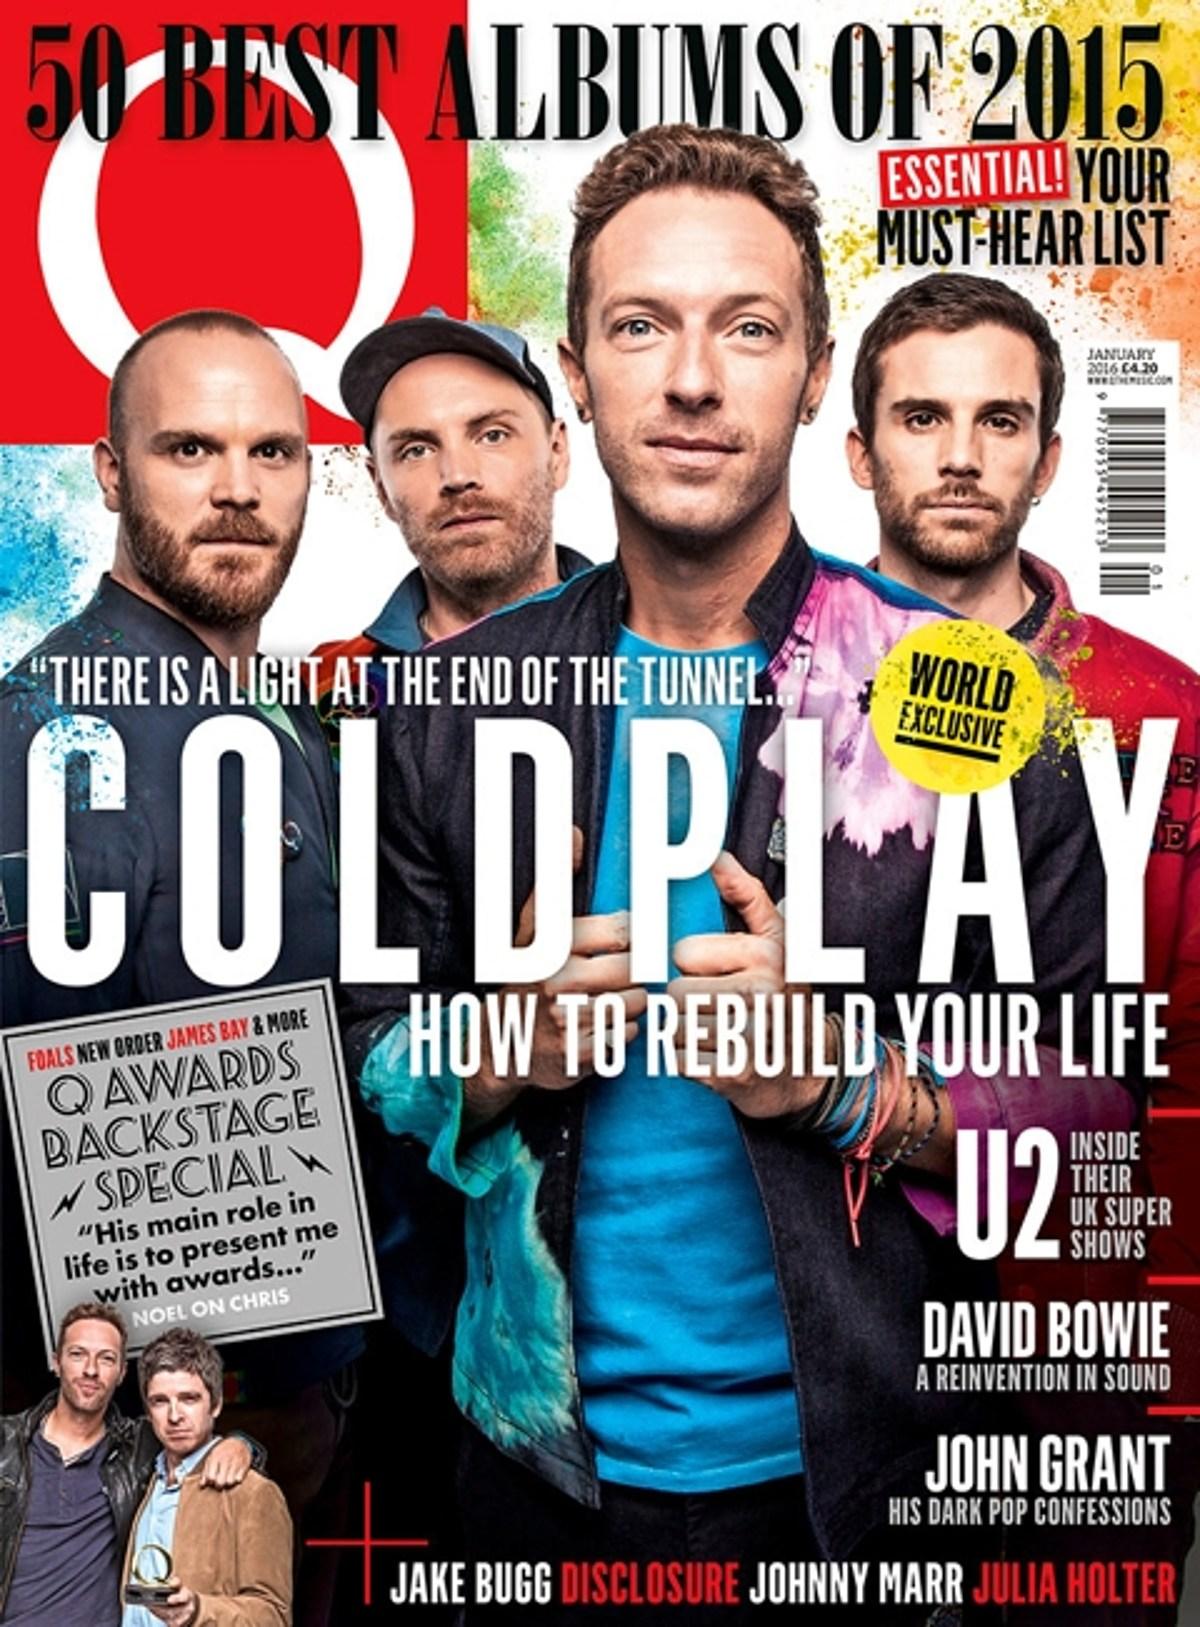 Q Magazine's Top 50 Albums of 2015